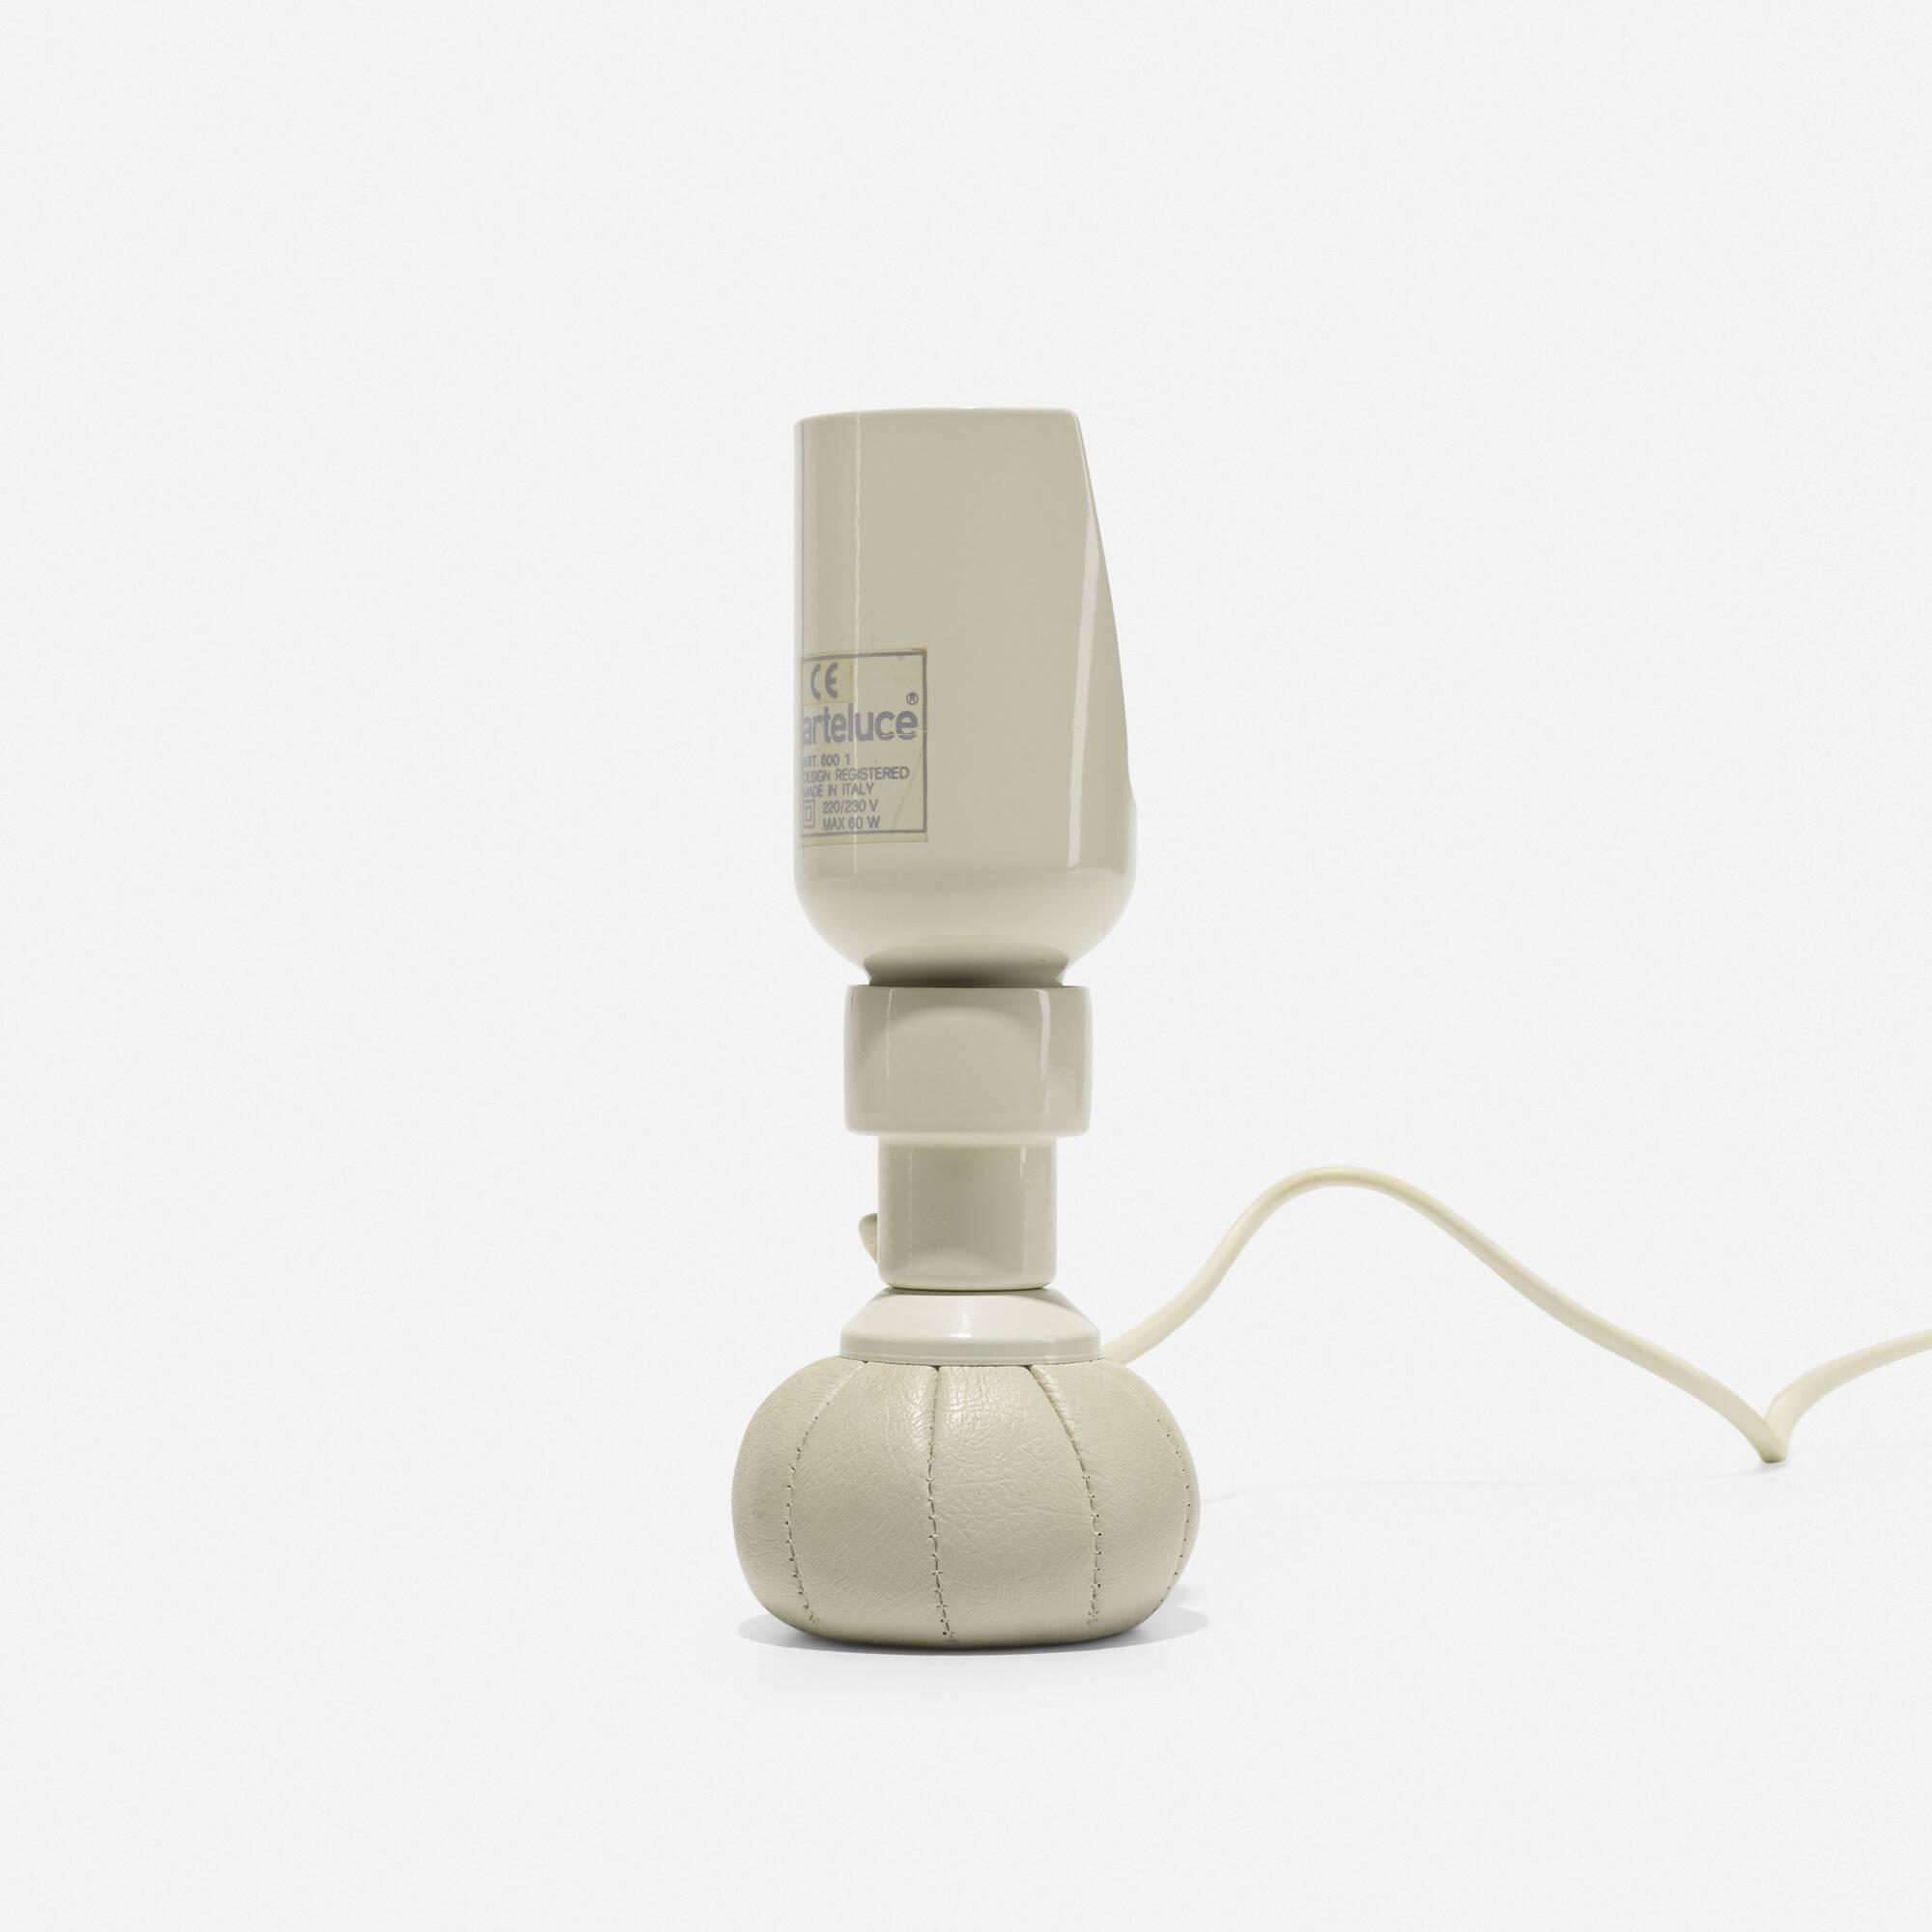 351: Gino Sarfatti / table lamp, model 600 (1 of 2)